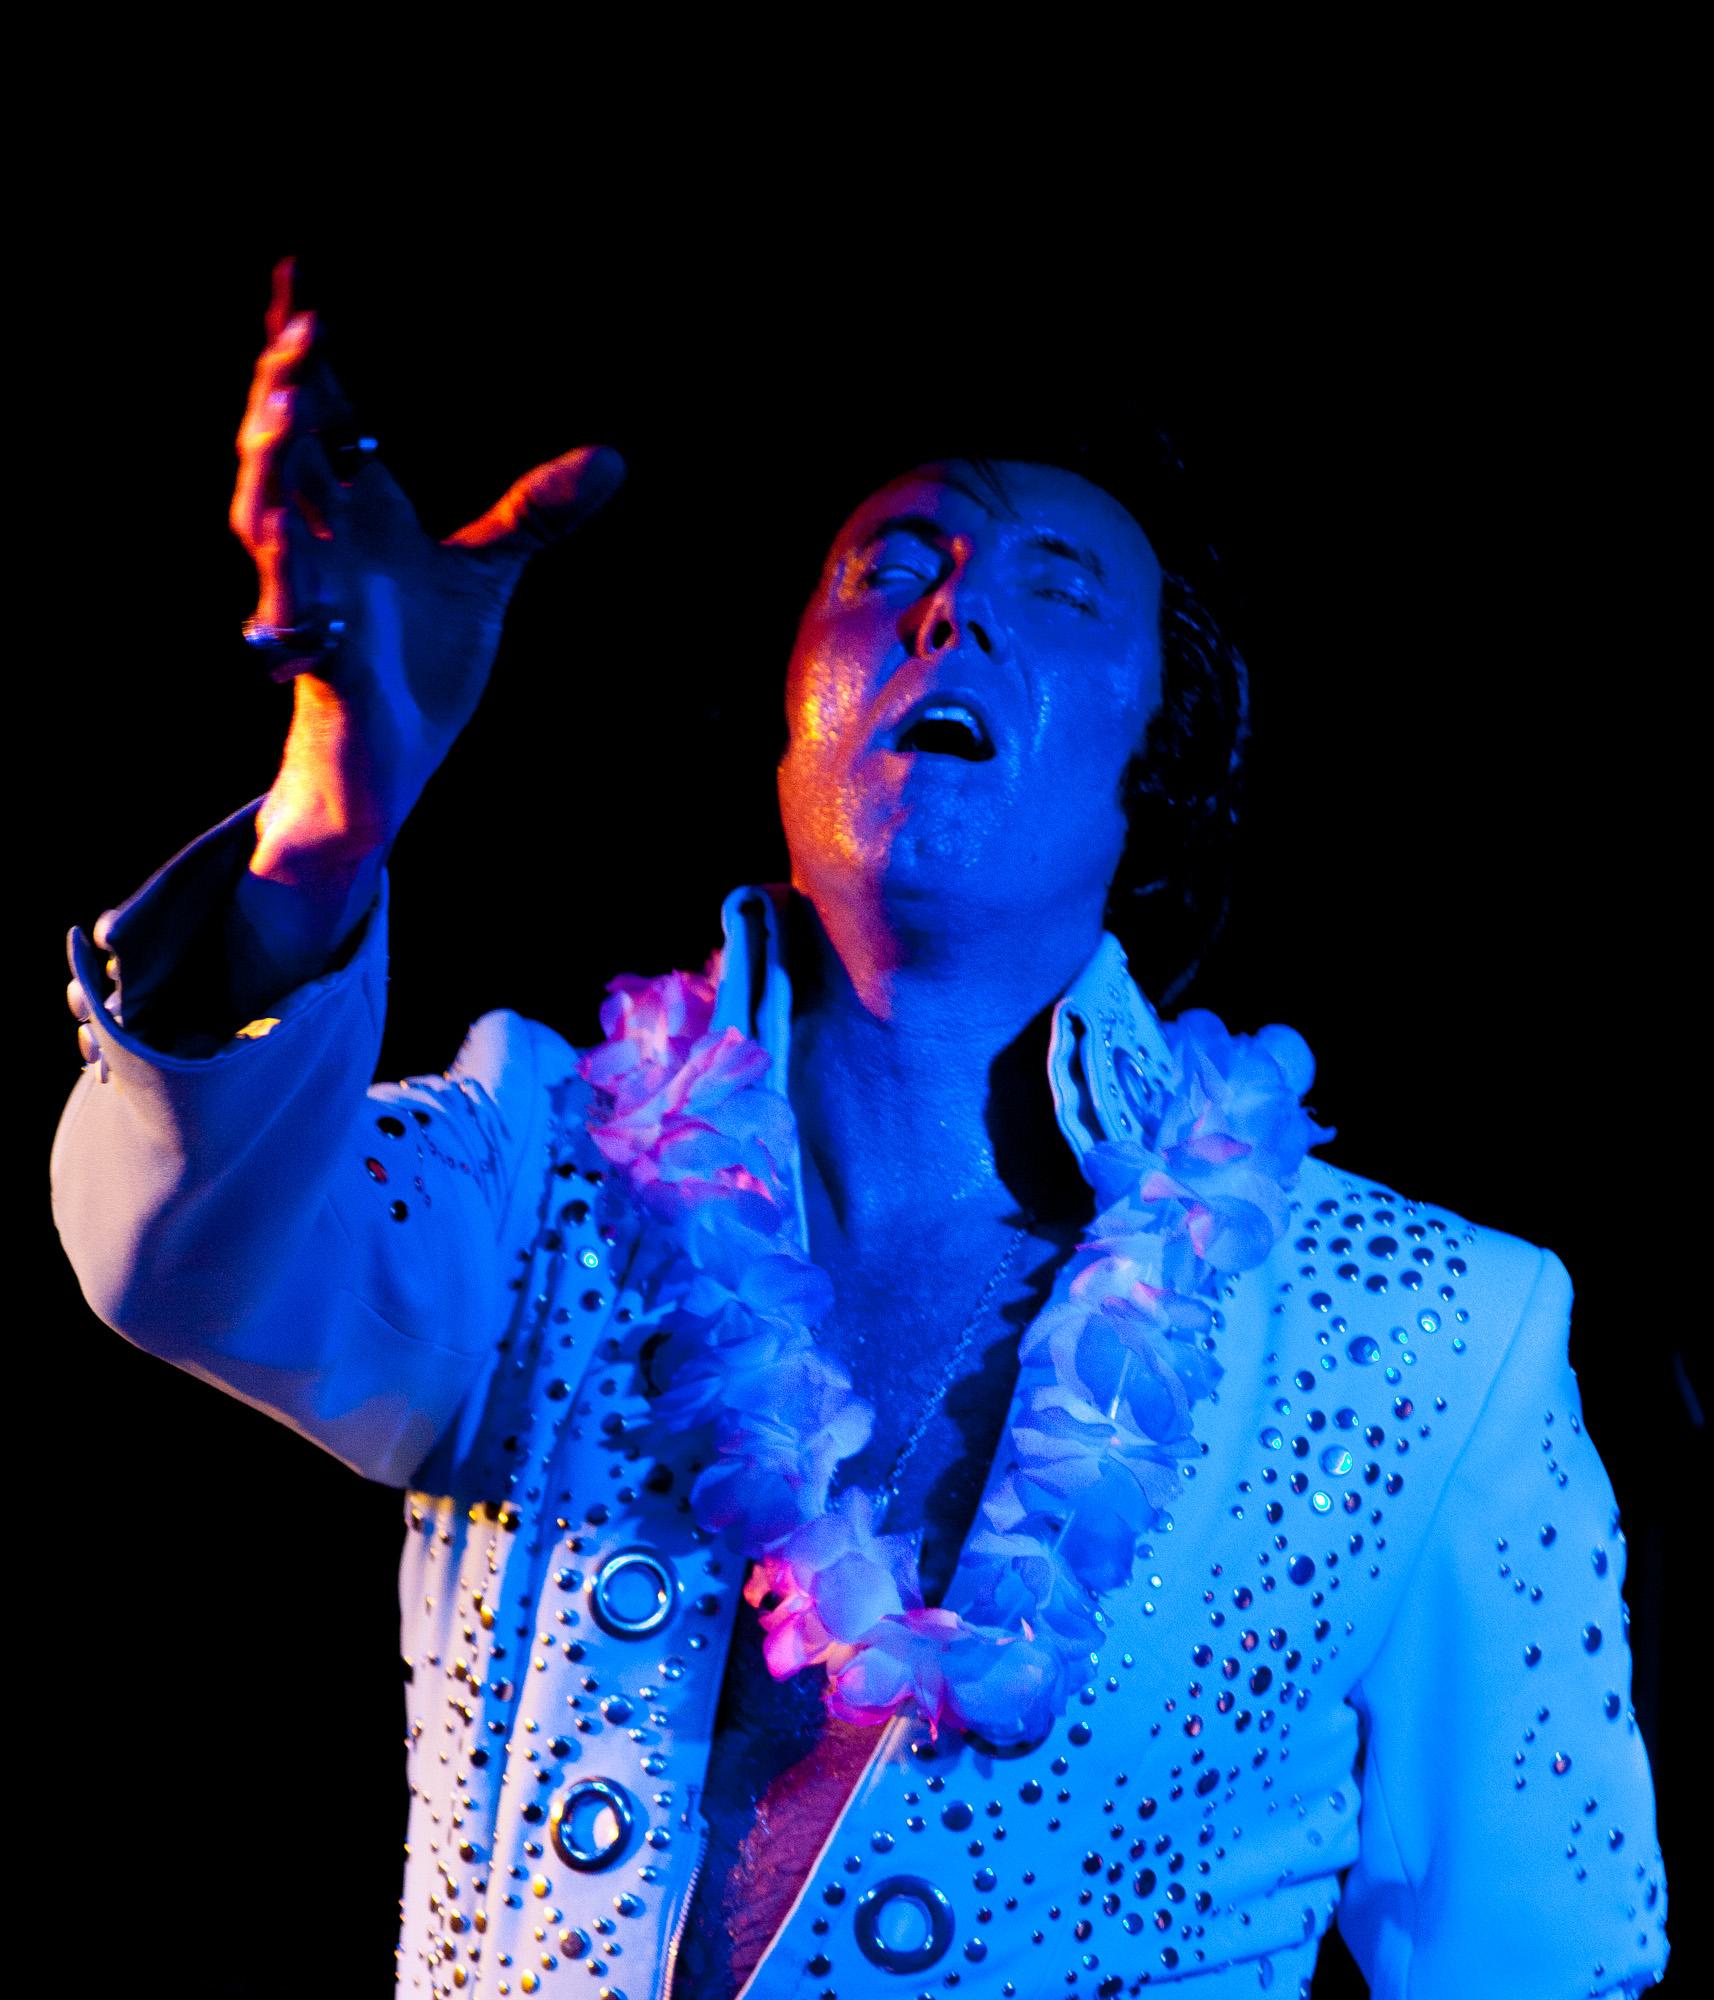 Elvis benidorm 1mb-13